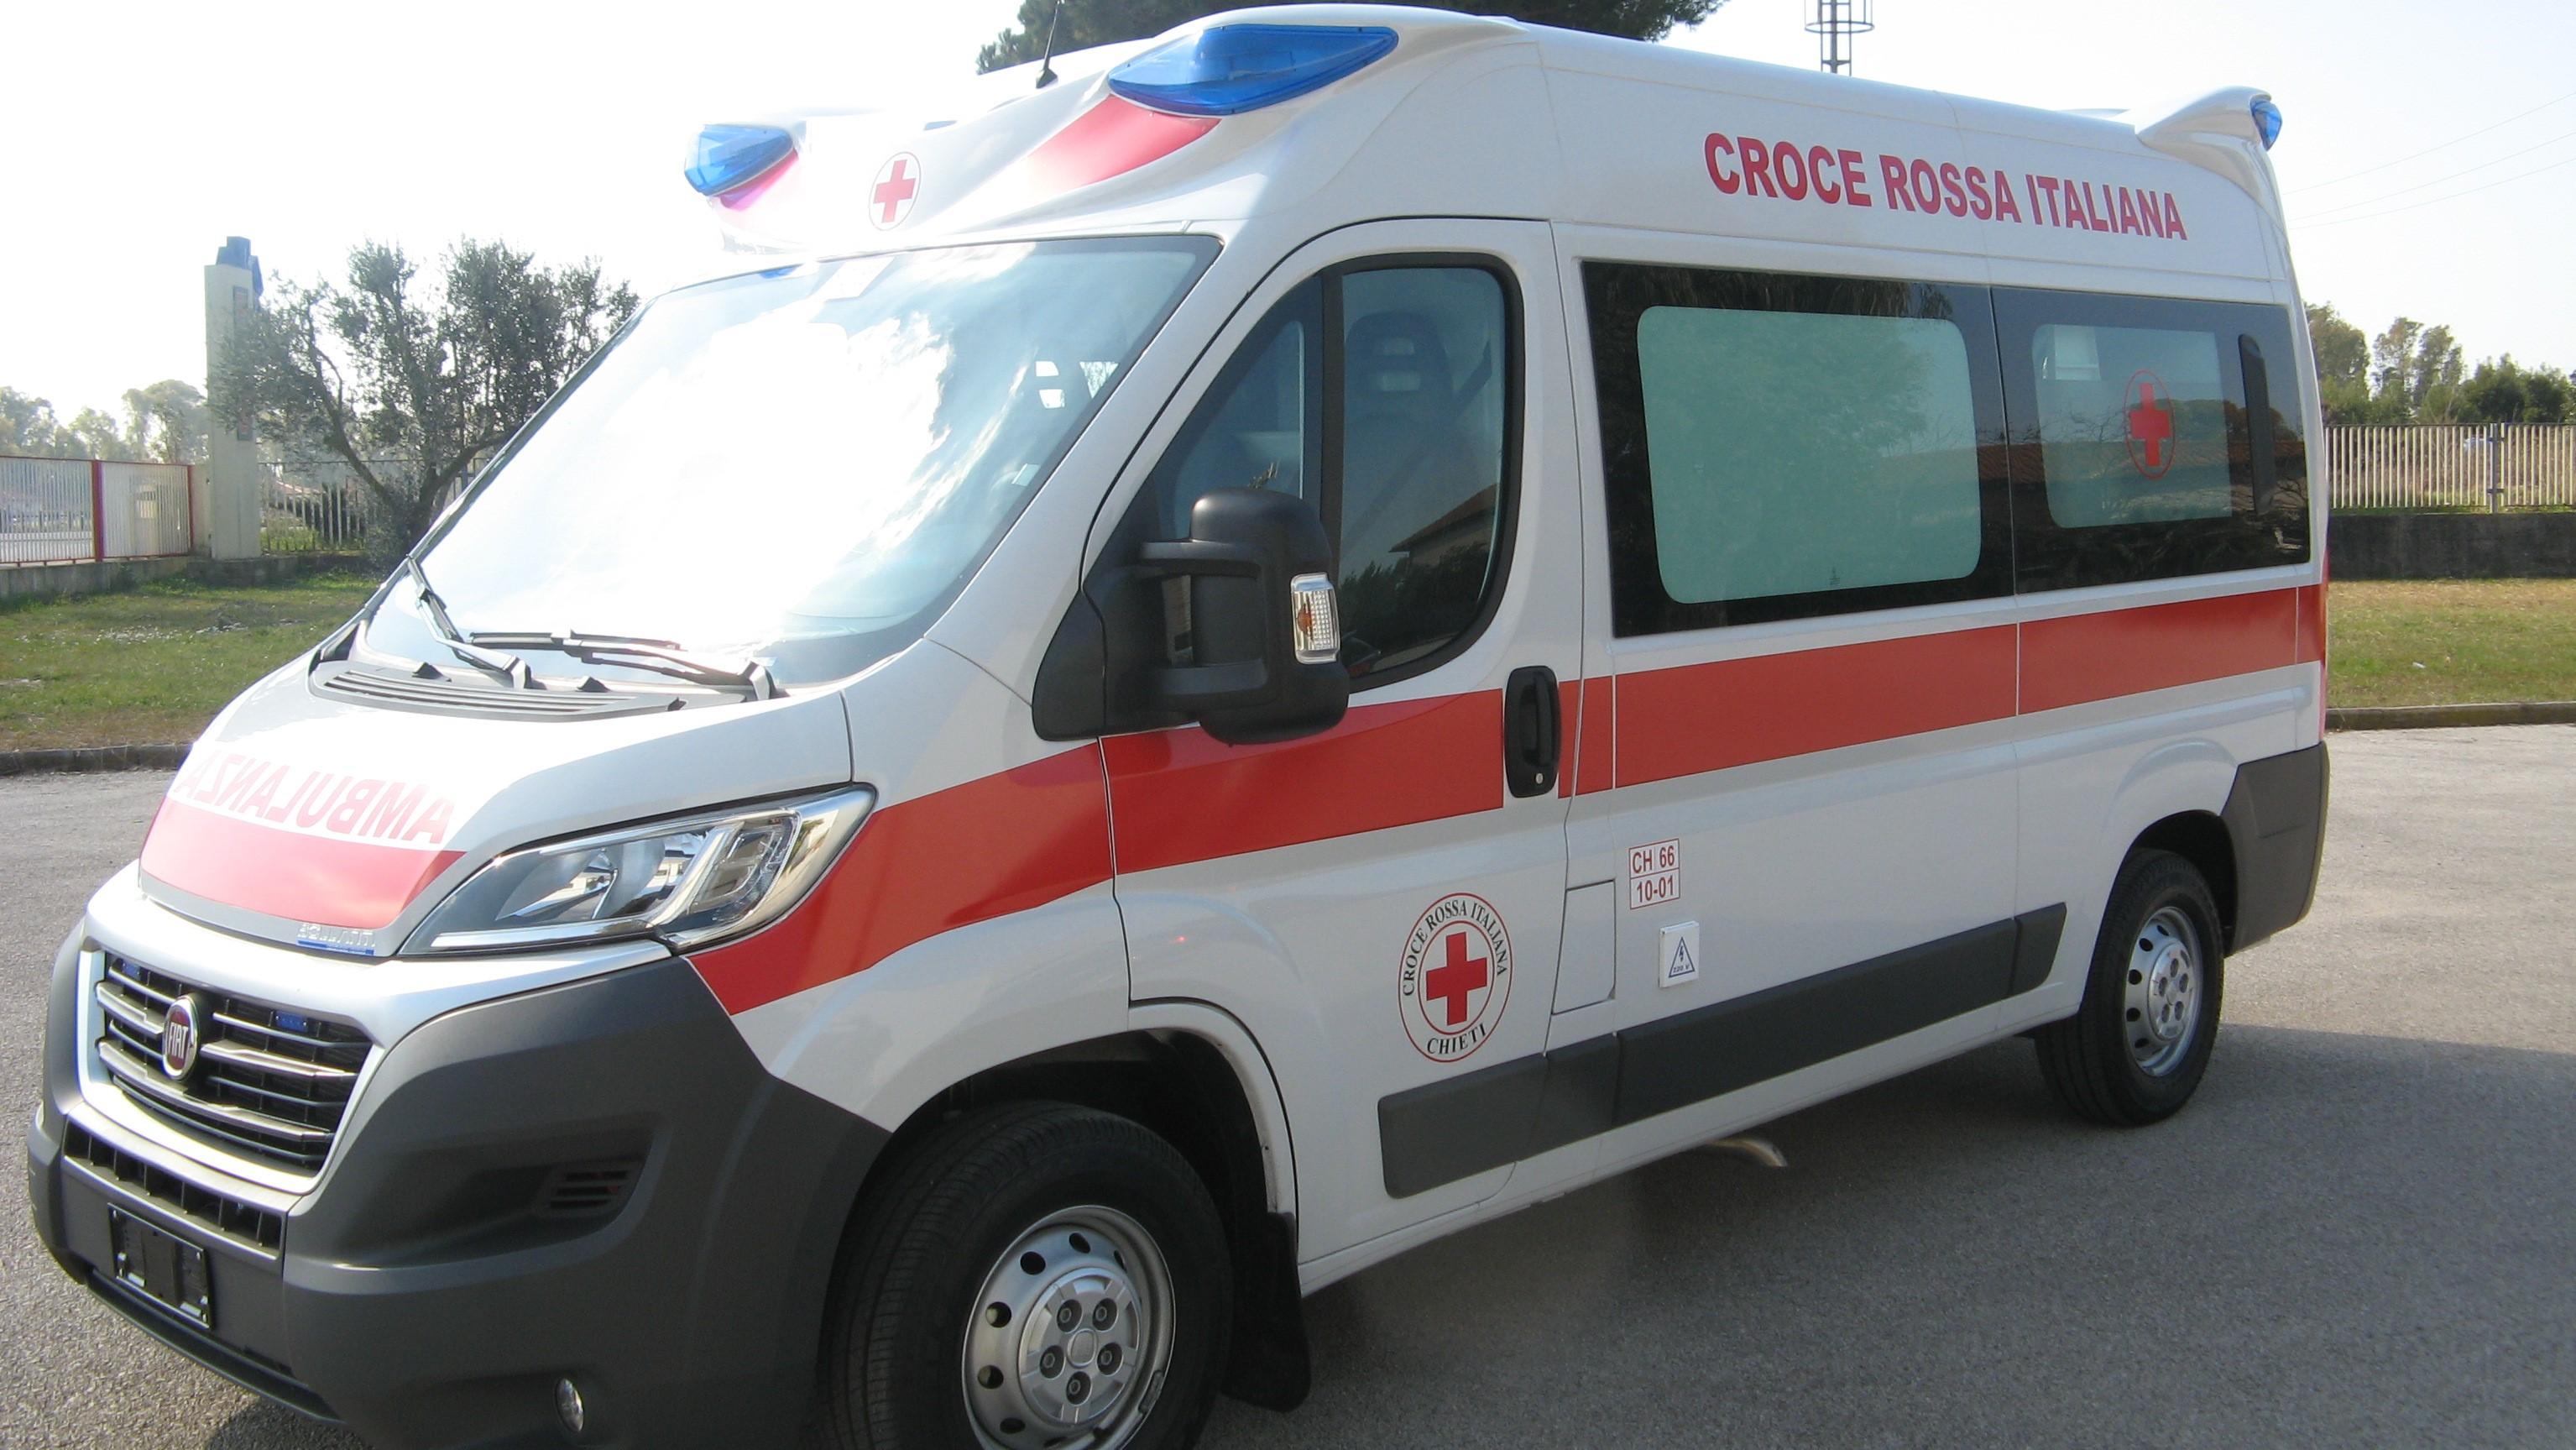 Ambulanza della morte a Catania: uccidevano anziani per vendere i corpi alle pompe funebri